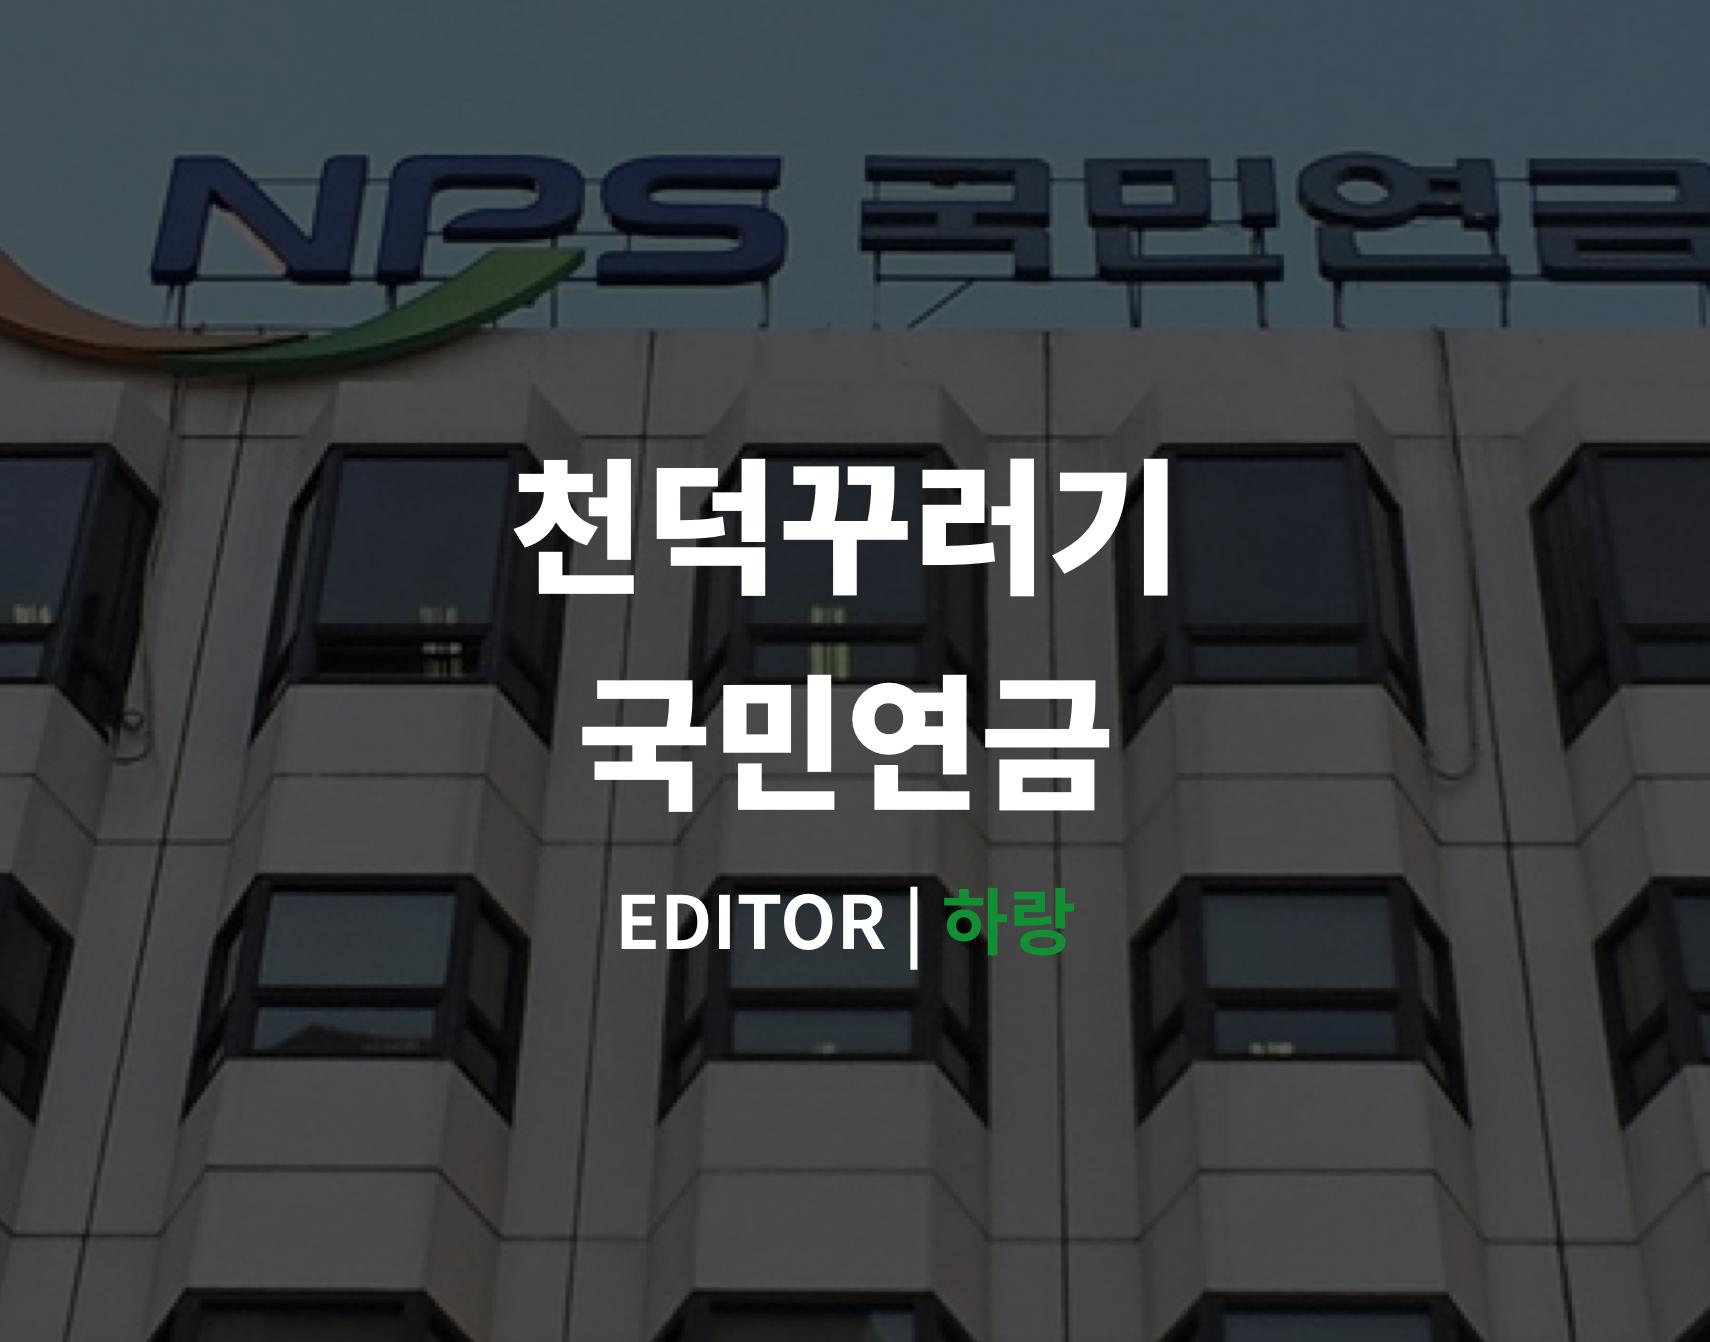 [하랑] 천덕꾸러기 국민연금 - 2018. 8. 27. by 하랑